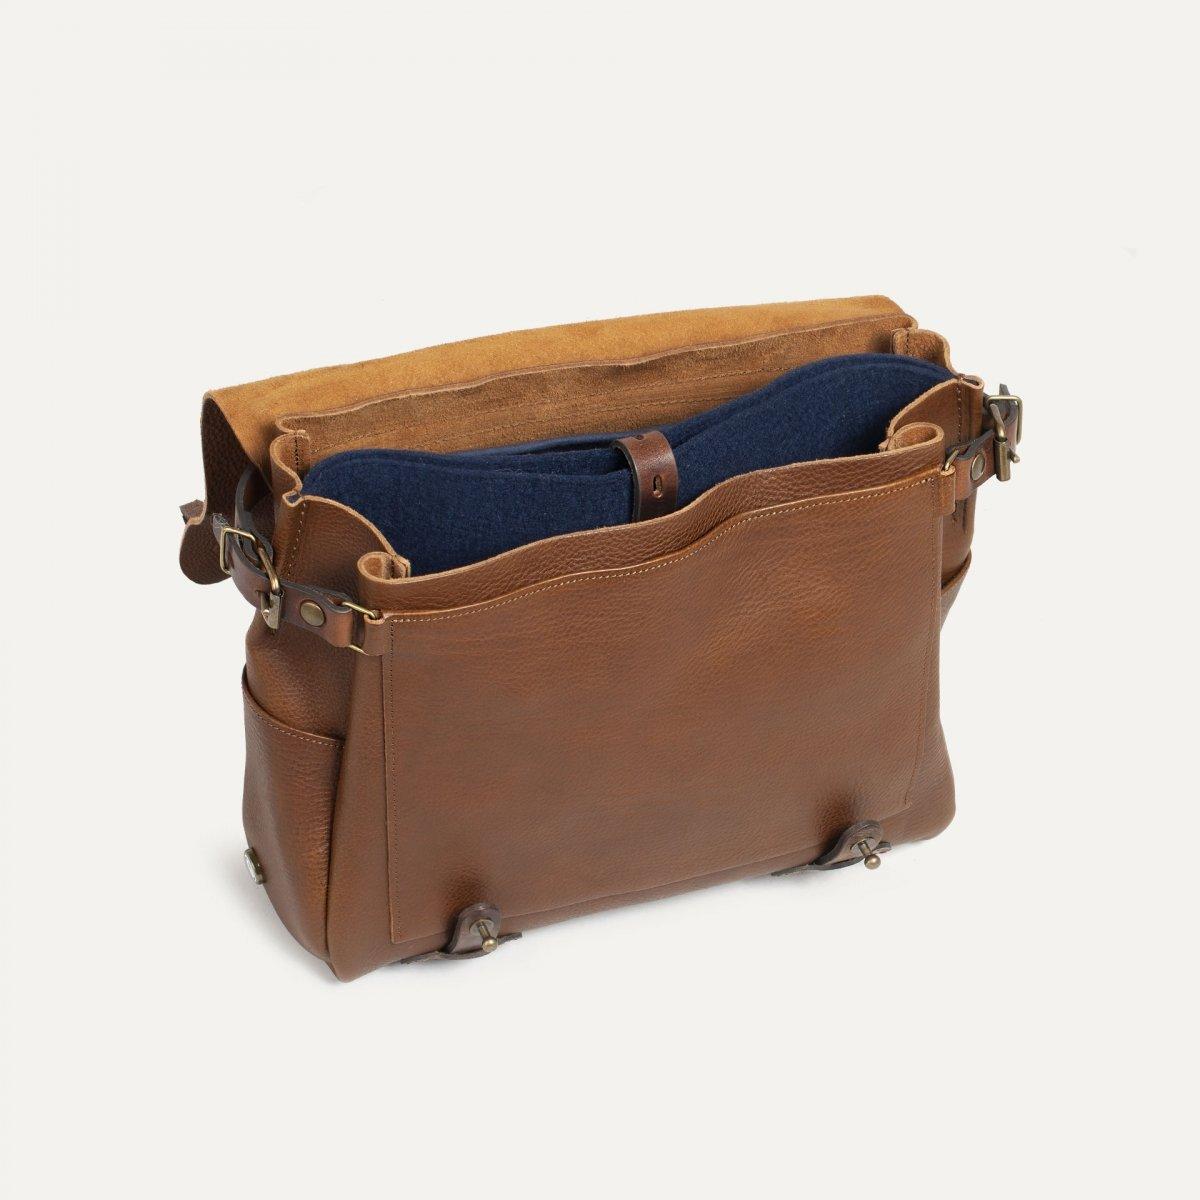 Postman bag Eclair M - Cuba Libre (image n°4)